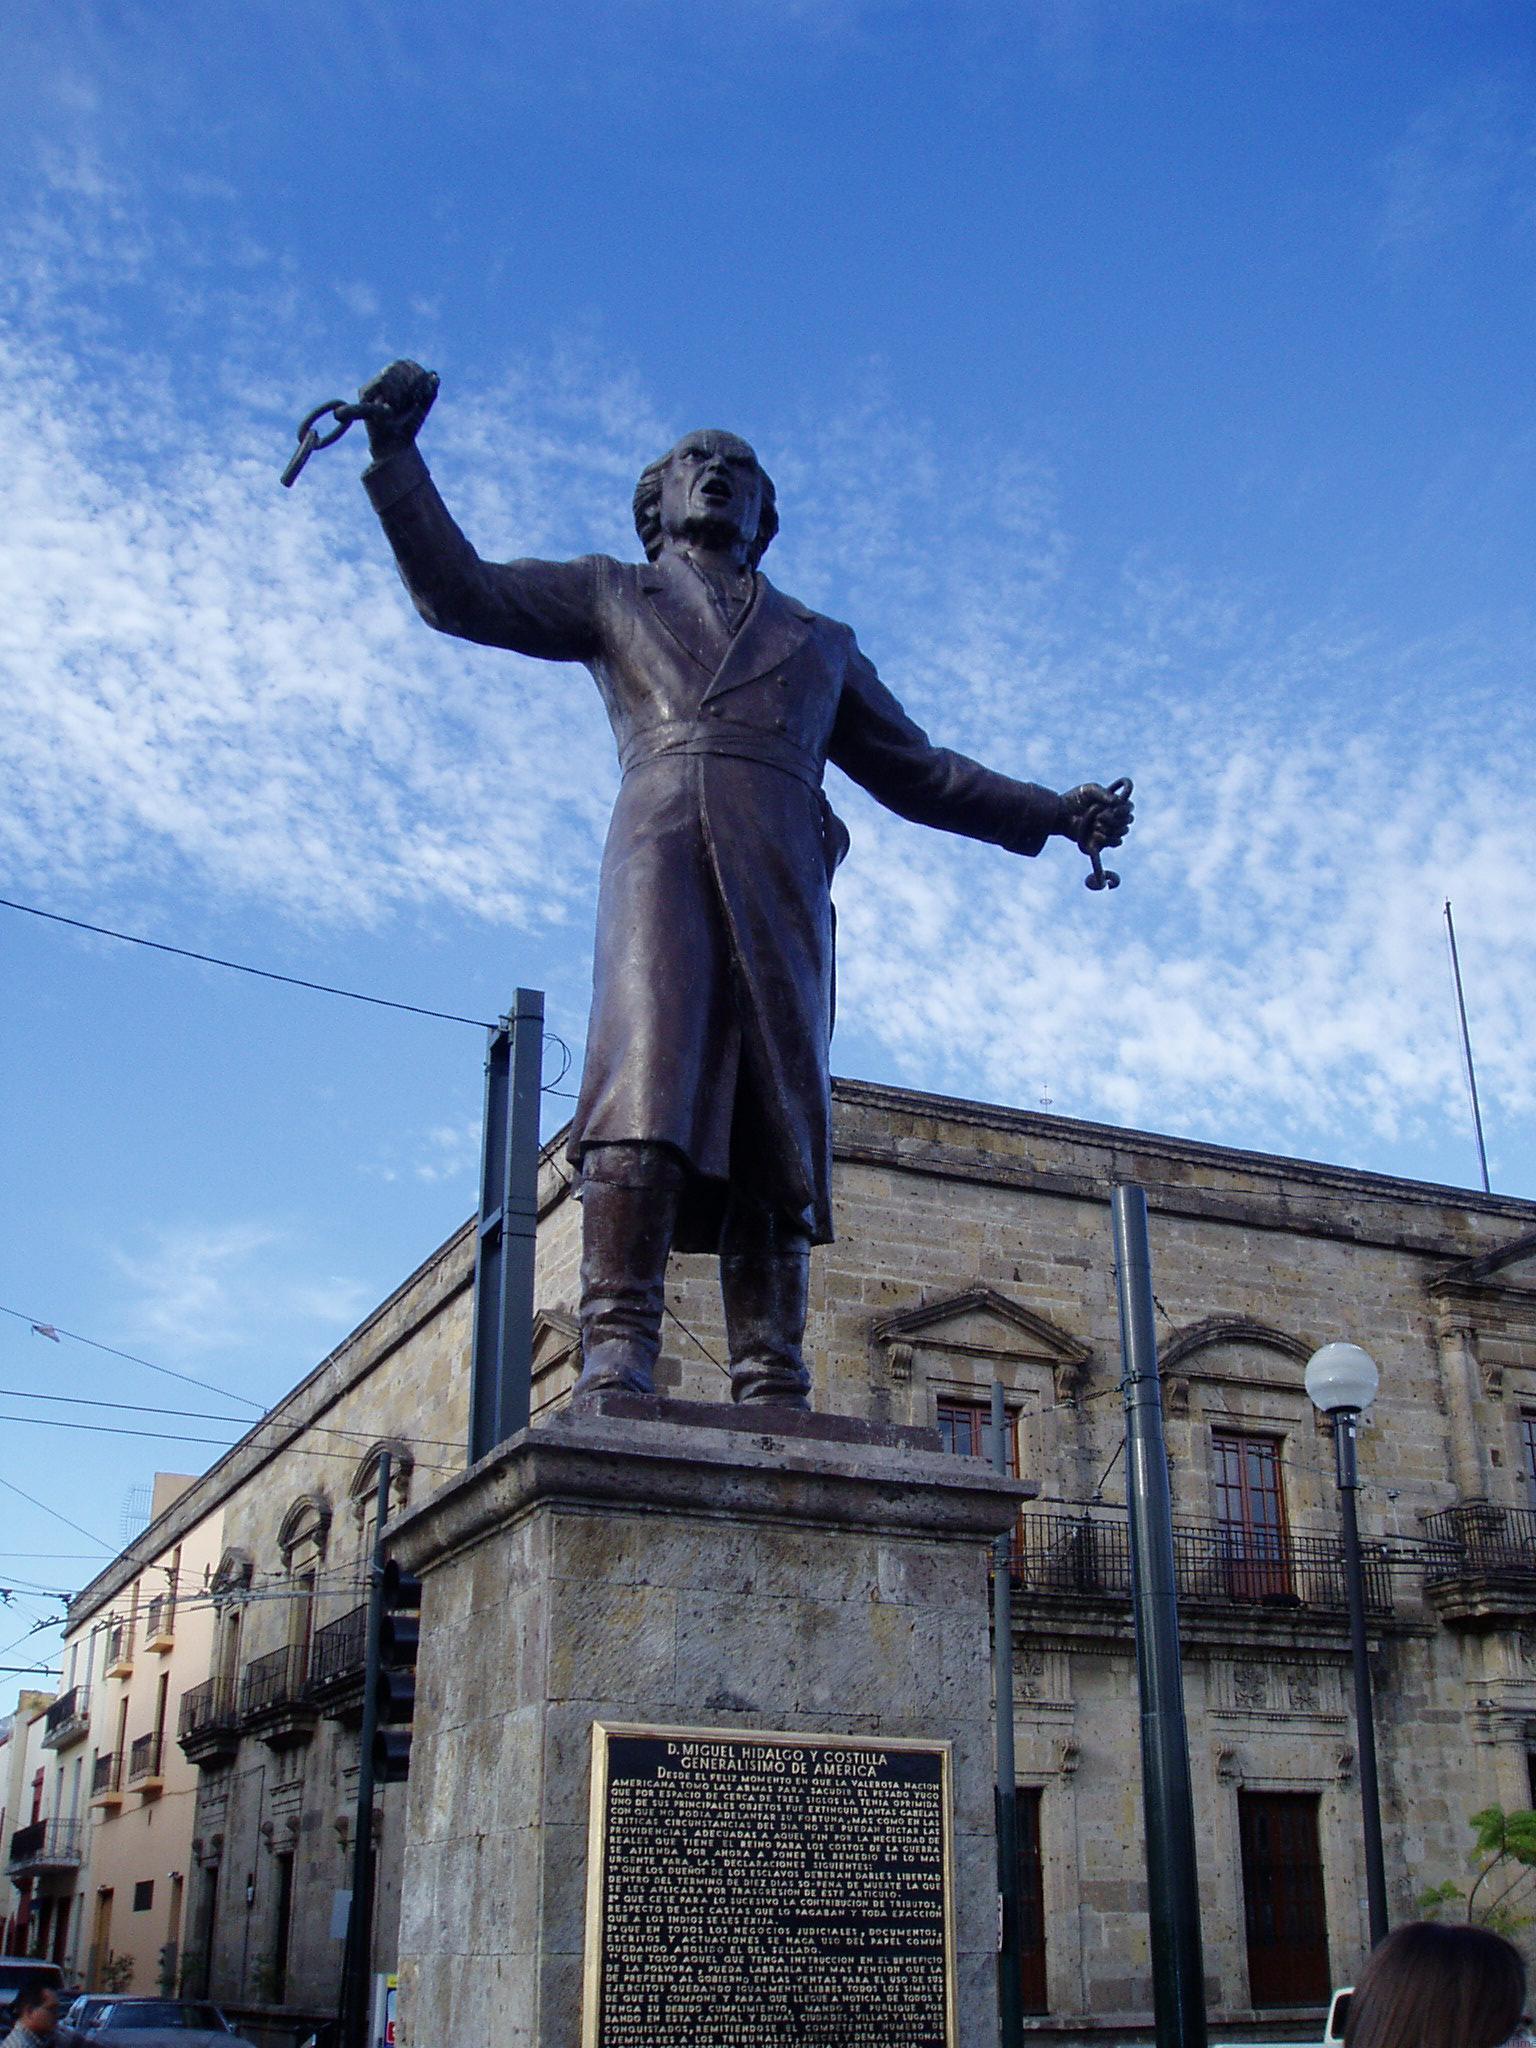 plazadelaliberacion